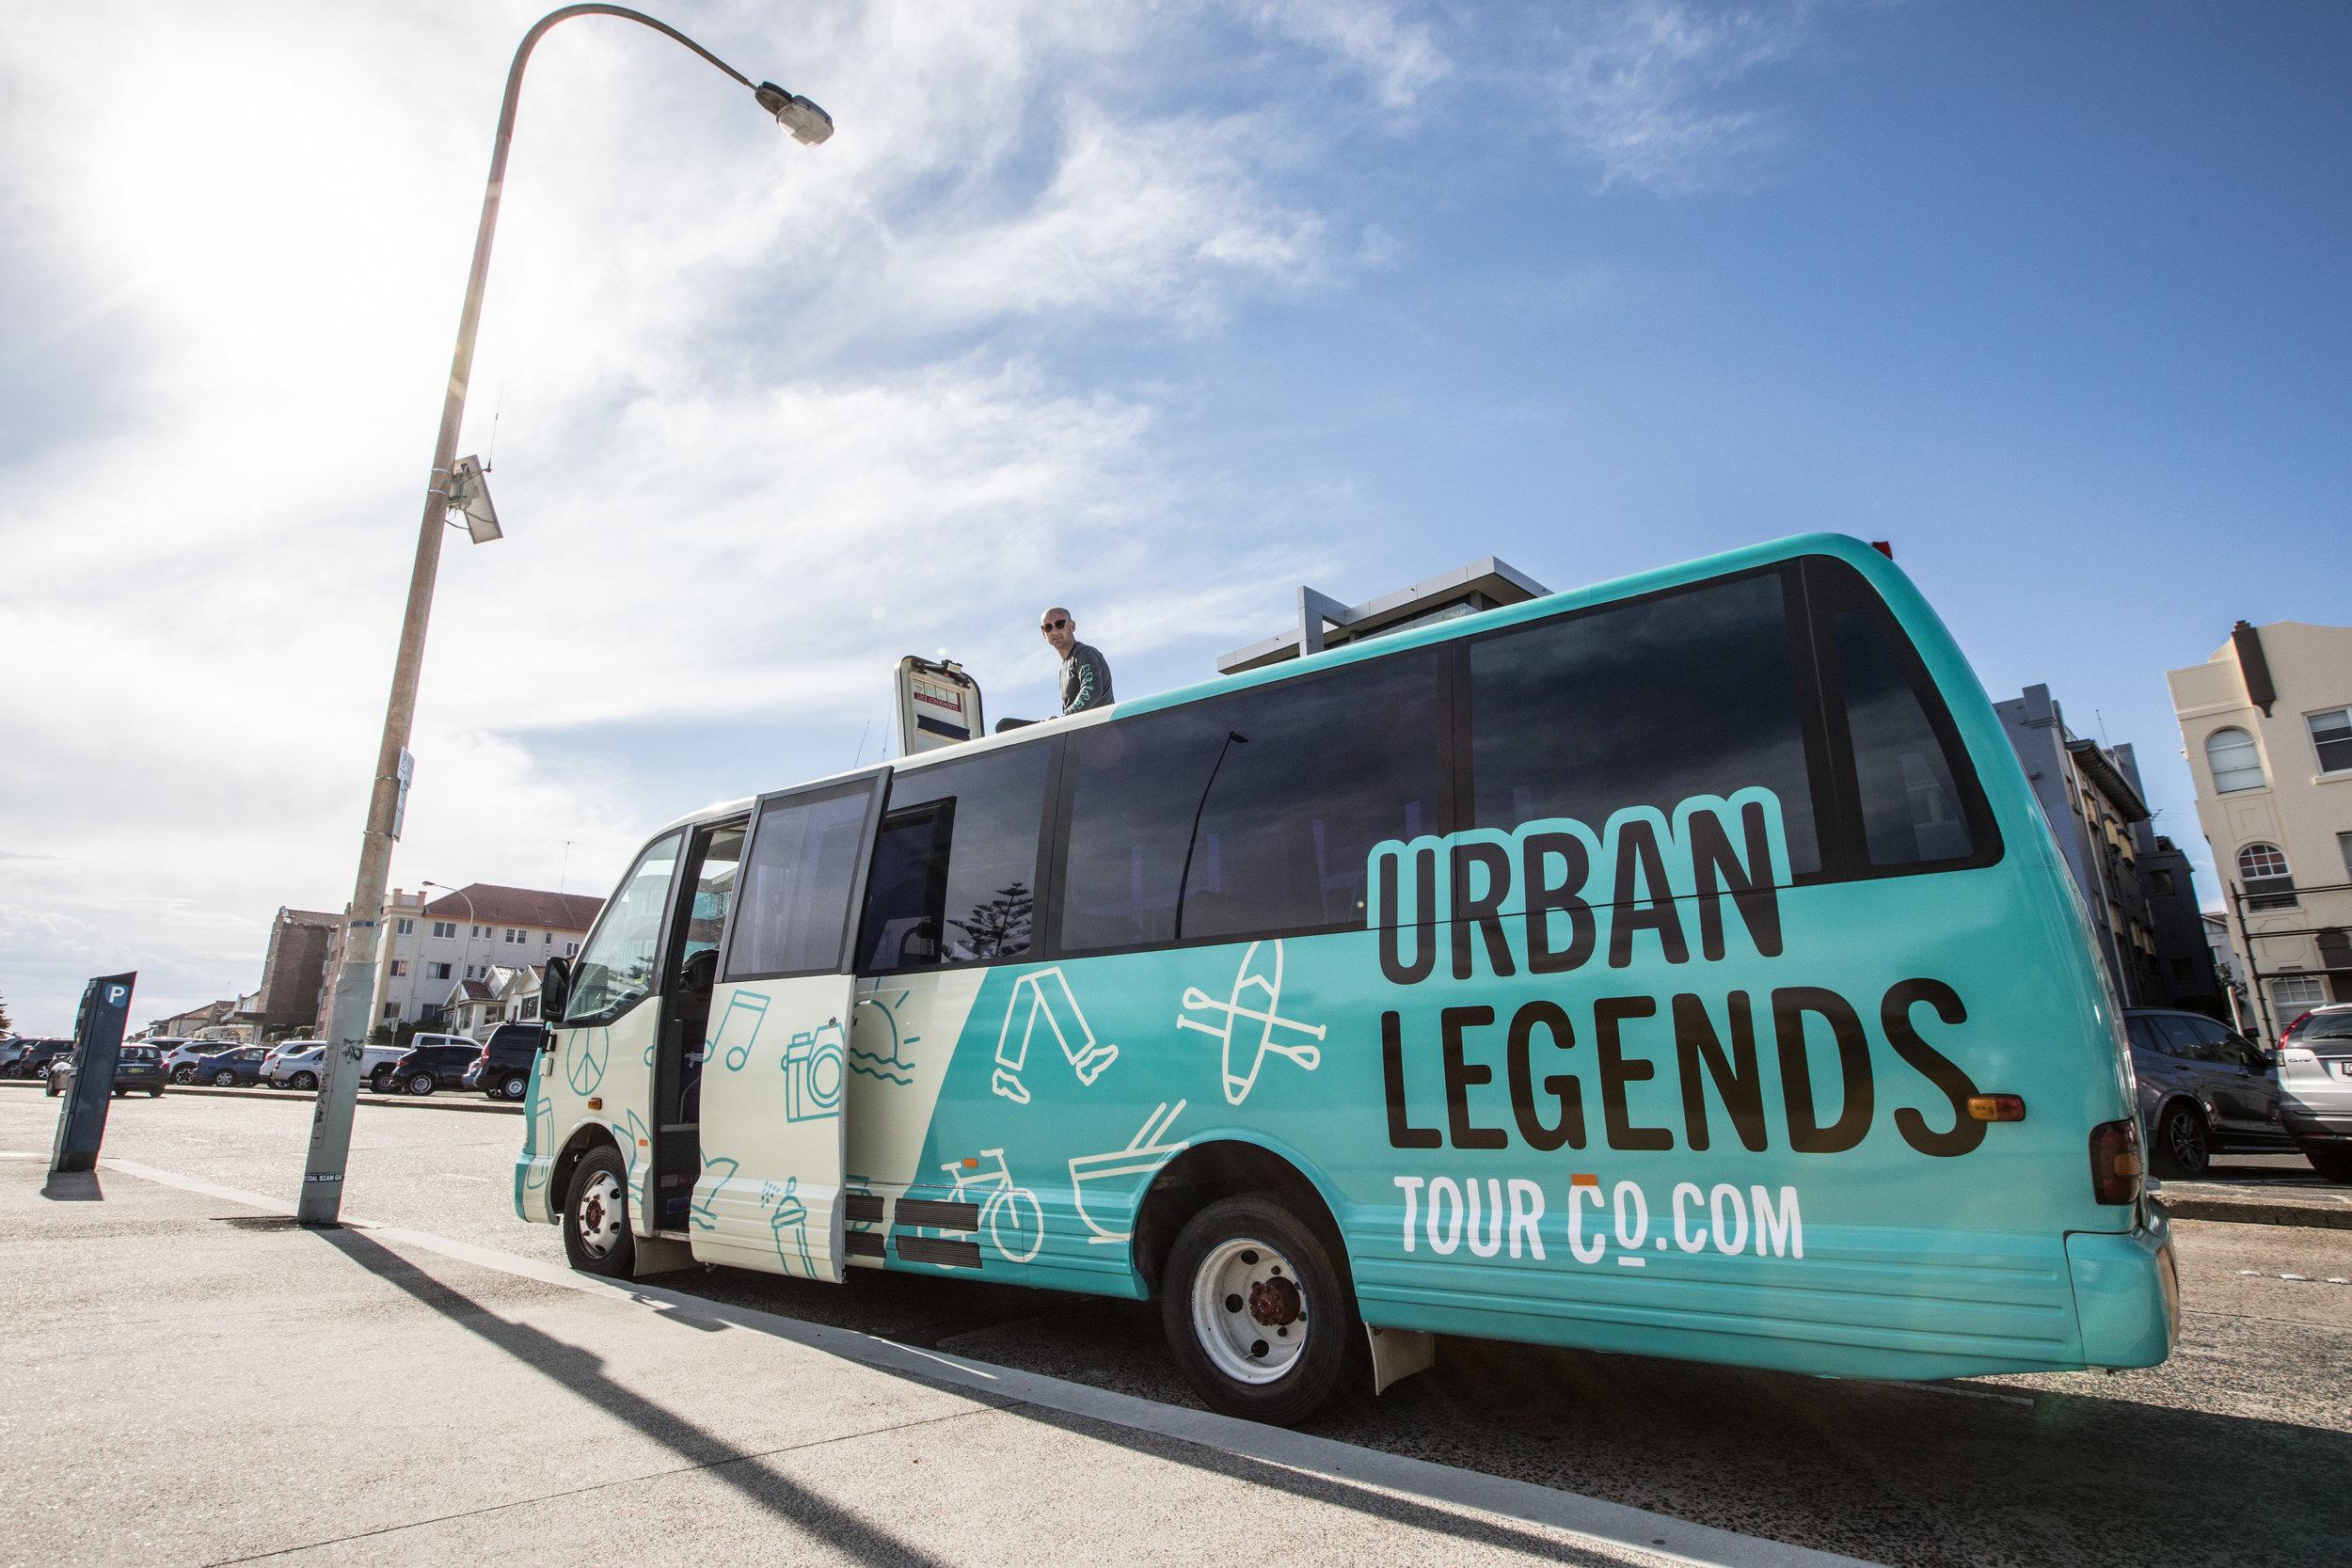 The Legends Bus